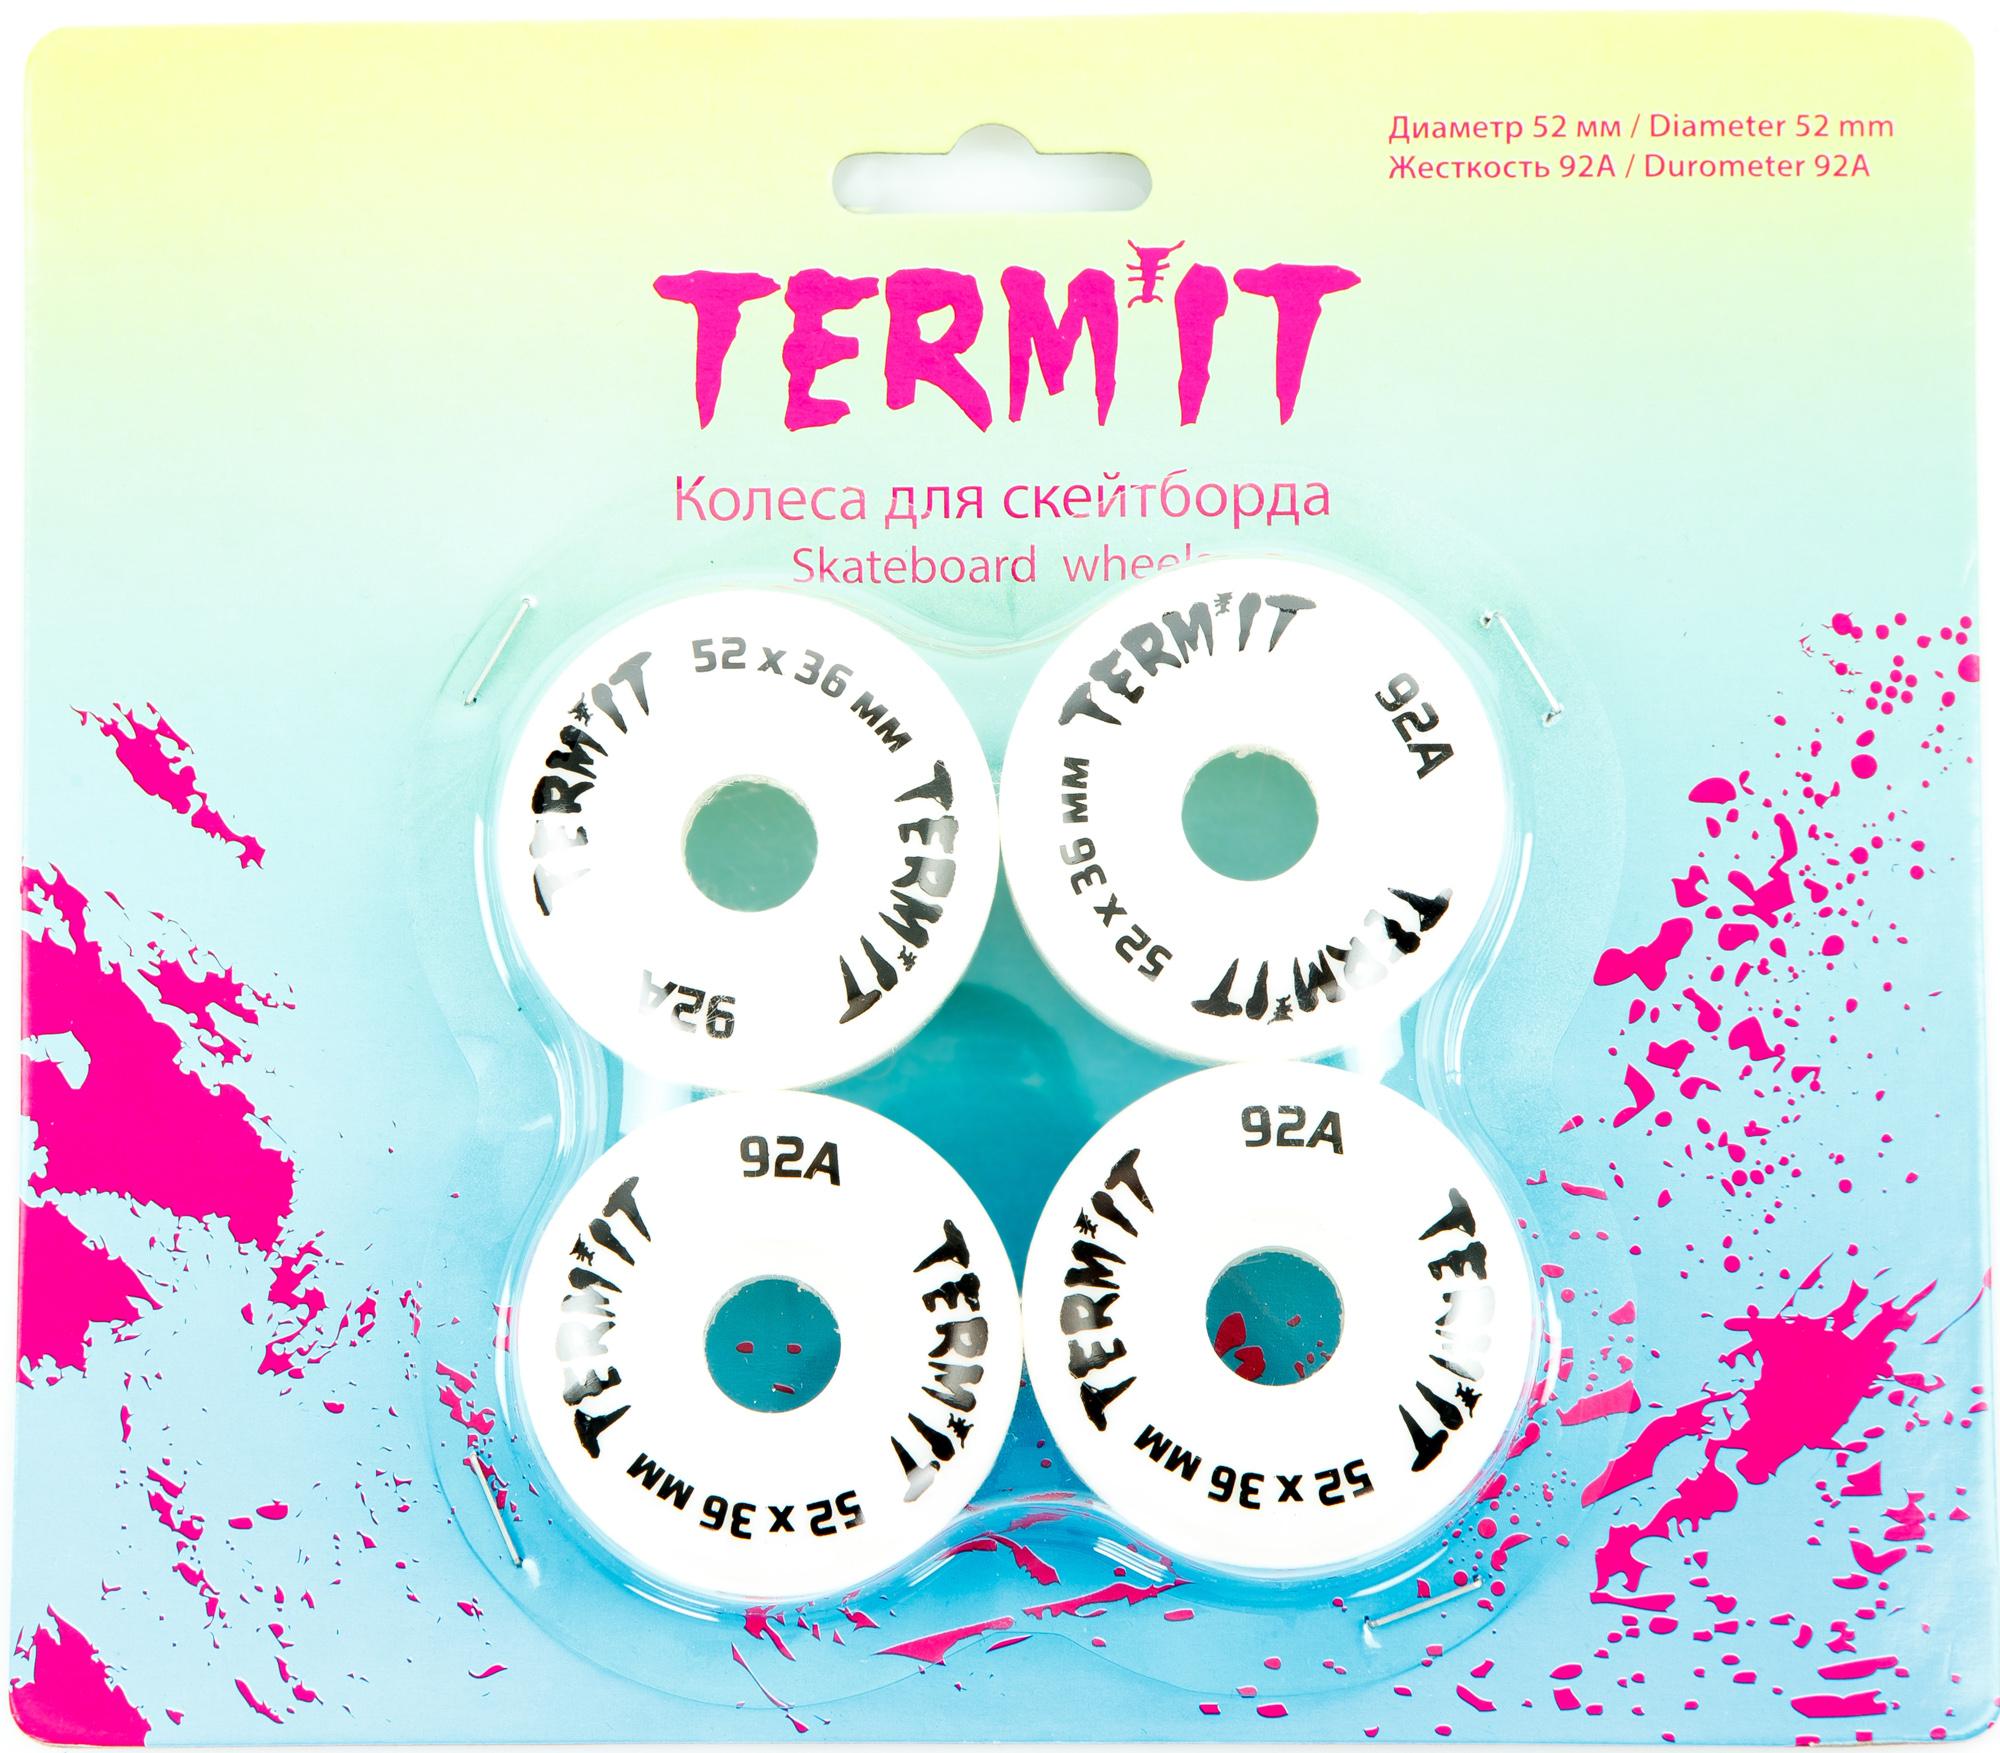 Termit Набор колес для скейтборда Termit 52 мм, 92А, 4 шт. ключ для скейтборда pig tool white